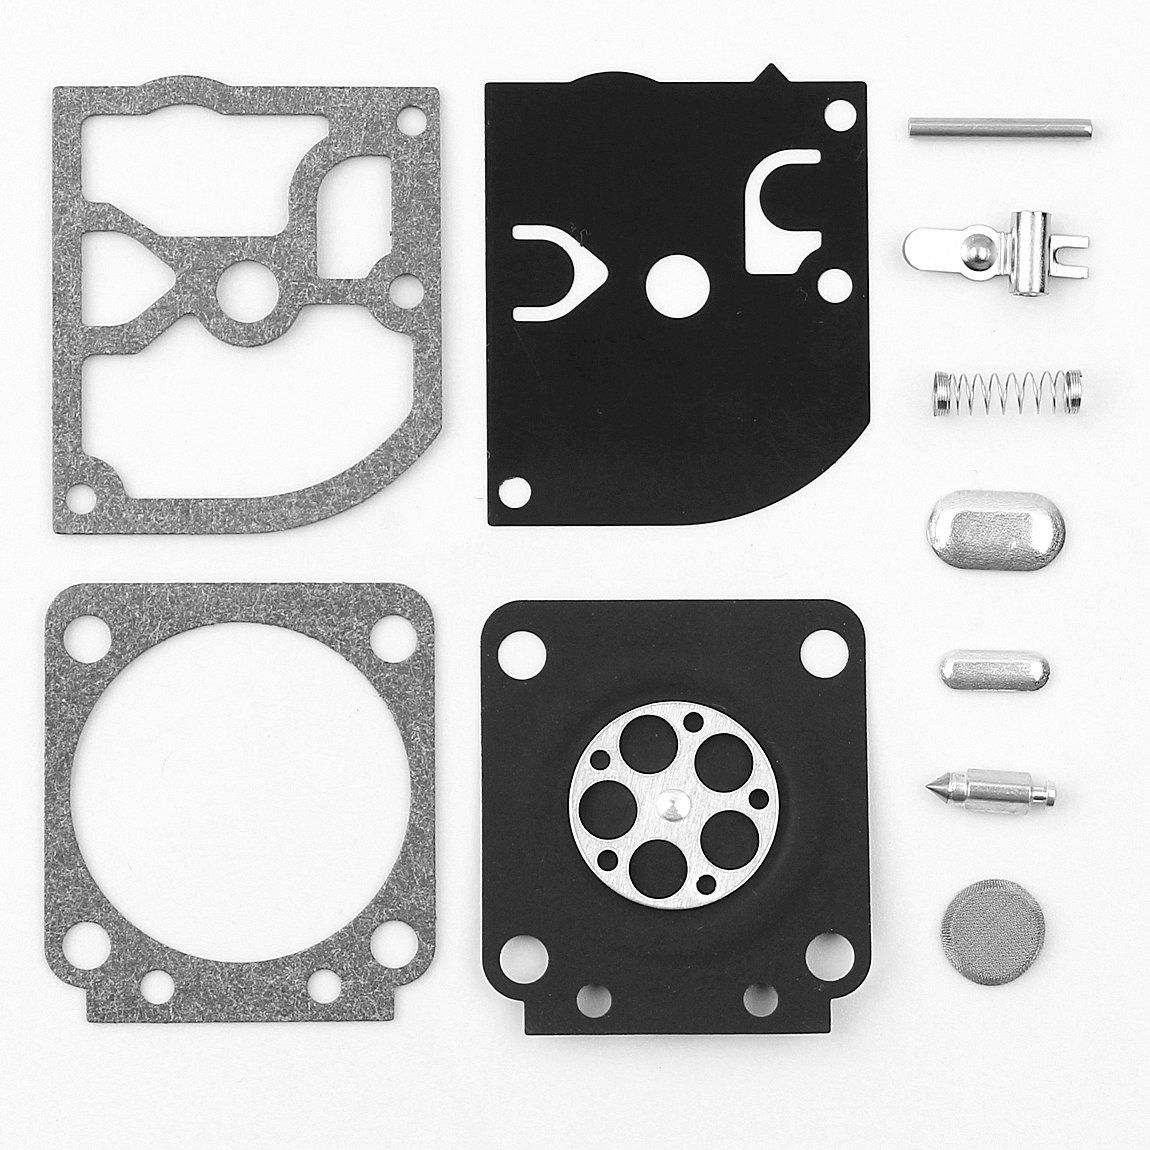 Haishine Carb Carburateur Reconstruire kit de R/éparation pour Stihl Fs46/C Fs120/FS200/Fs250/FS300/Fs350/Sh55/Sh85/BG 45/46/55/65/85/Trimmers # Zama Rb-89